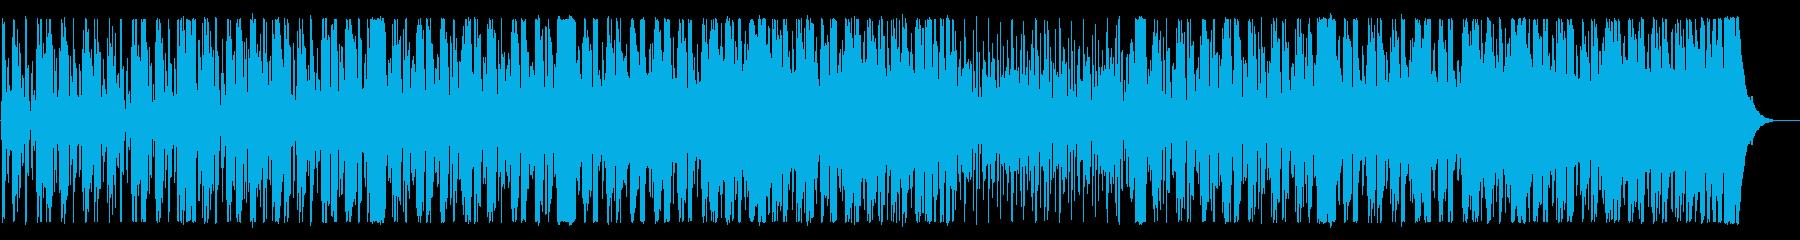 シリアスで緊迫感のあるメロディーのBGMの再生済みの波形